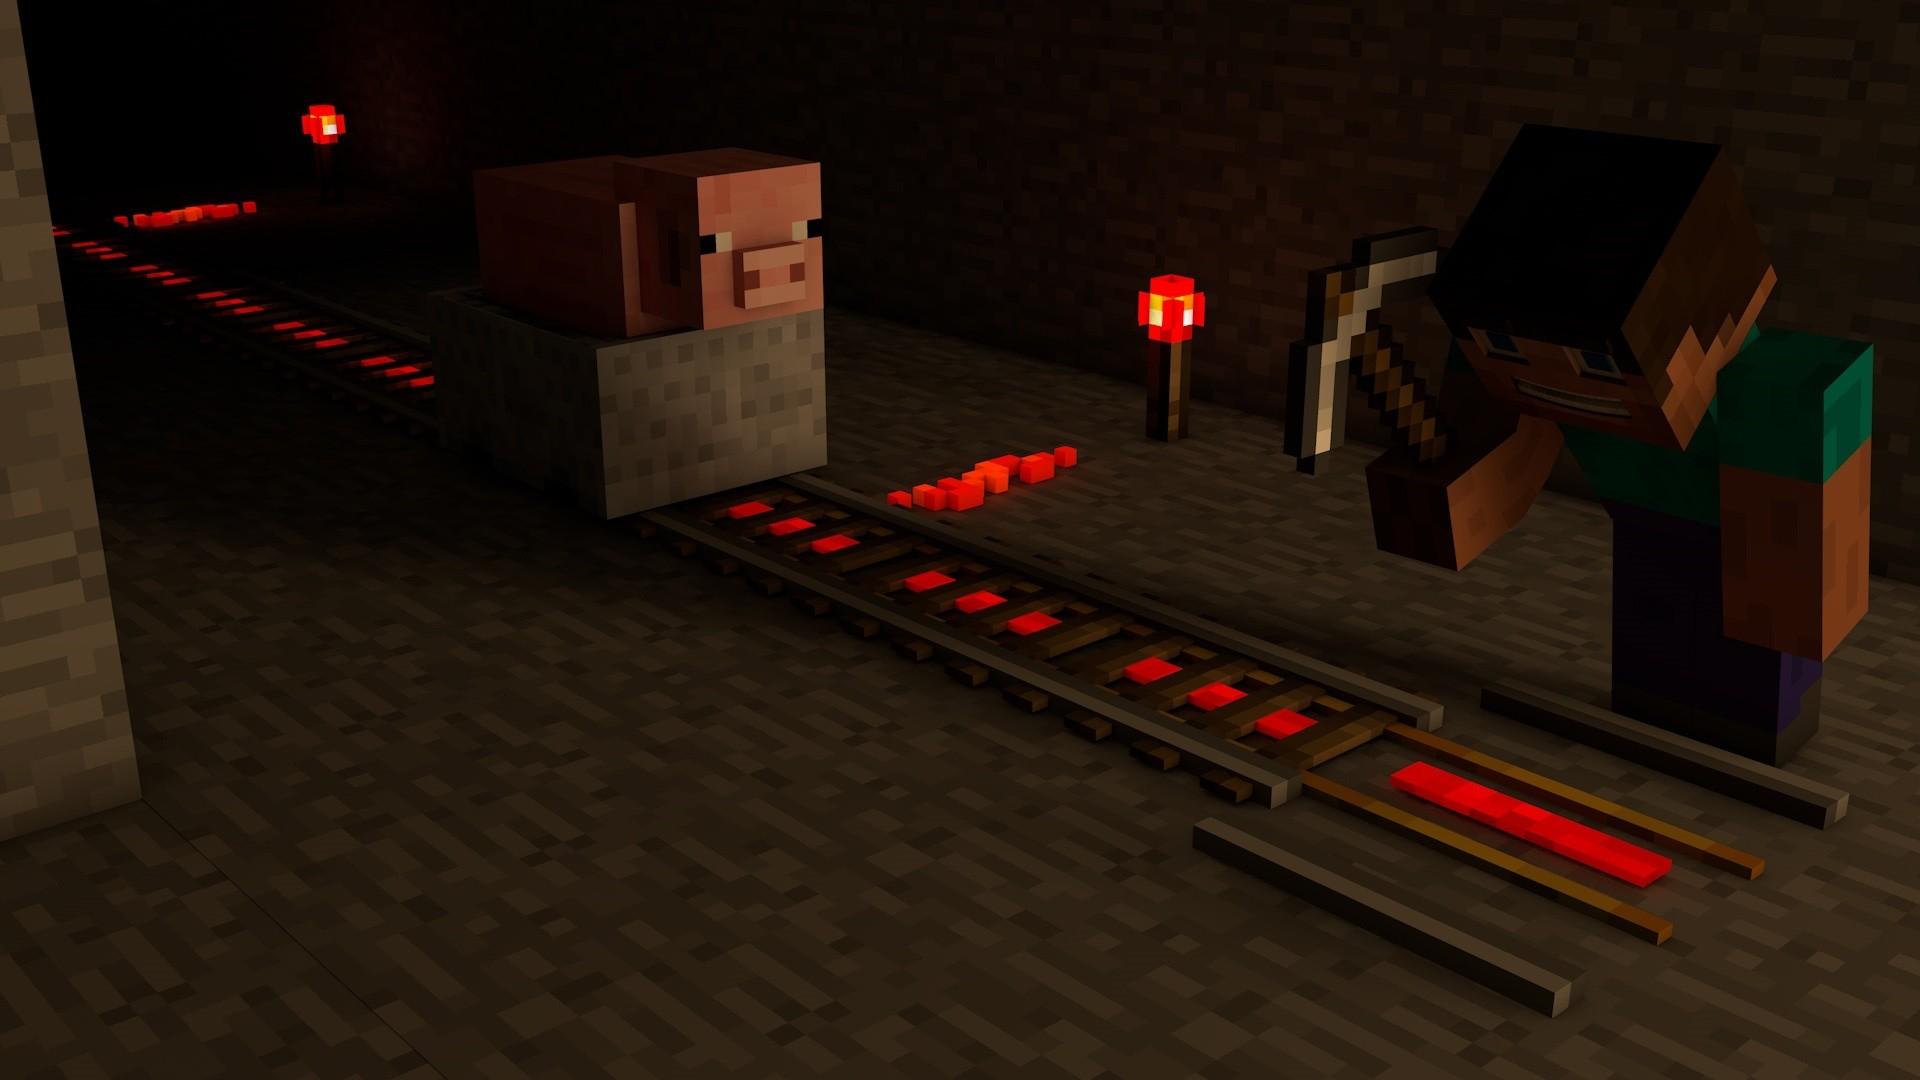 Gambar Kereta Api Minecraft Wallpaper Video Game Jalan Kereta Api Minecraft Sumbu Steve Ranjau Pertambangan Kegelapan Pertandingan Screenshot Permainan Pc 1920x1080 51529 Hd Wallpapers Wallhere